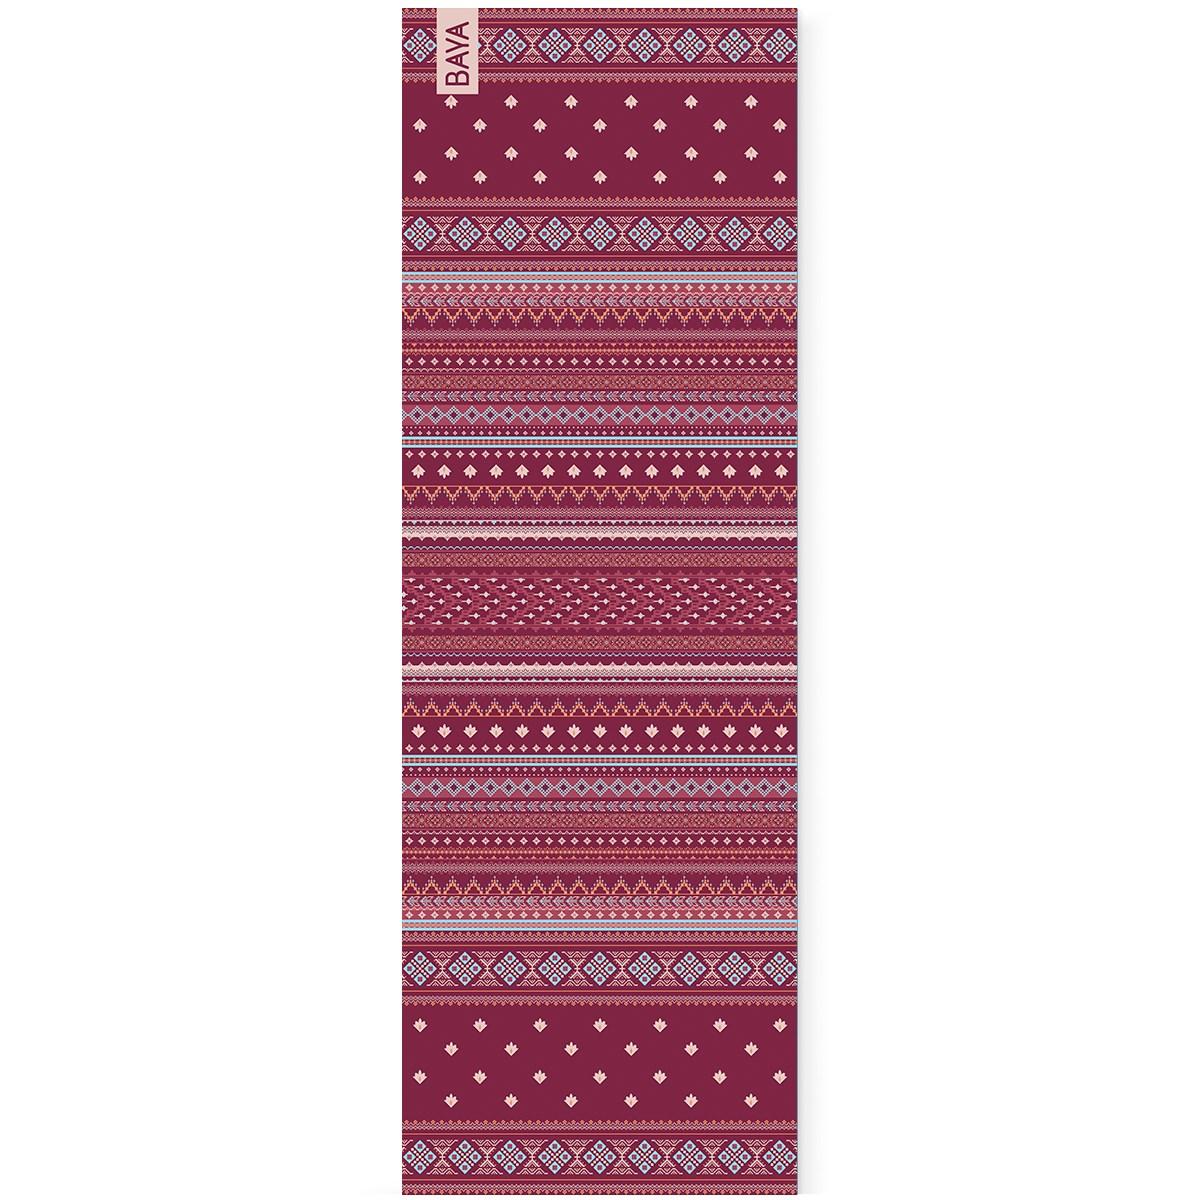 tapis de yoga intense woodstock